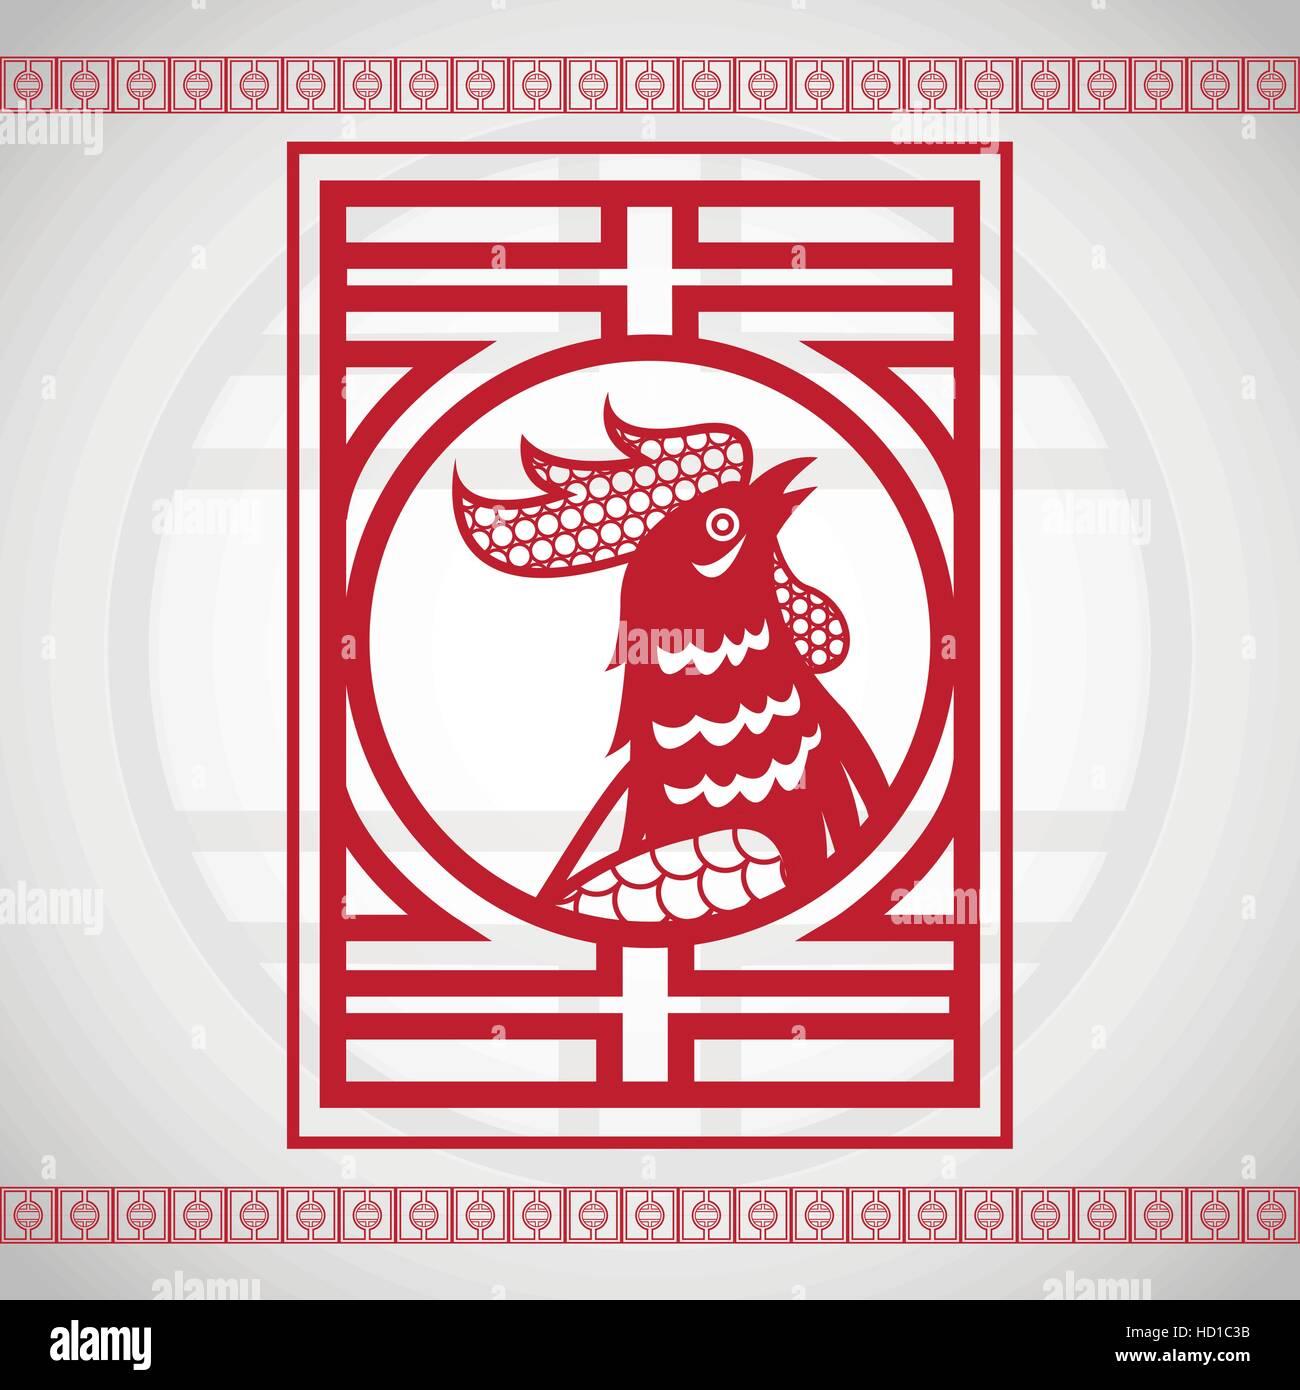 Calendario Zodiacale.Gallo Rosso Cinese Calendario Zodiacale Illustrazione